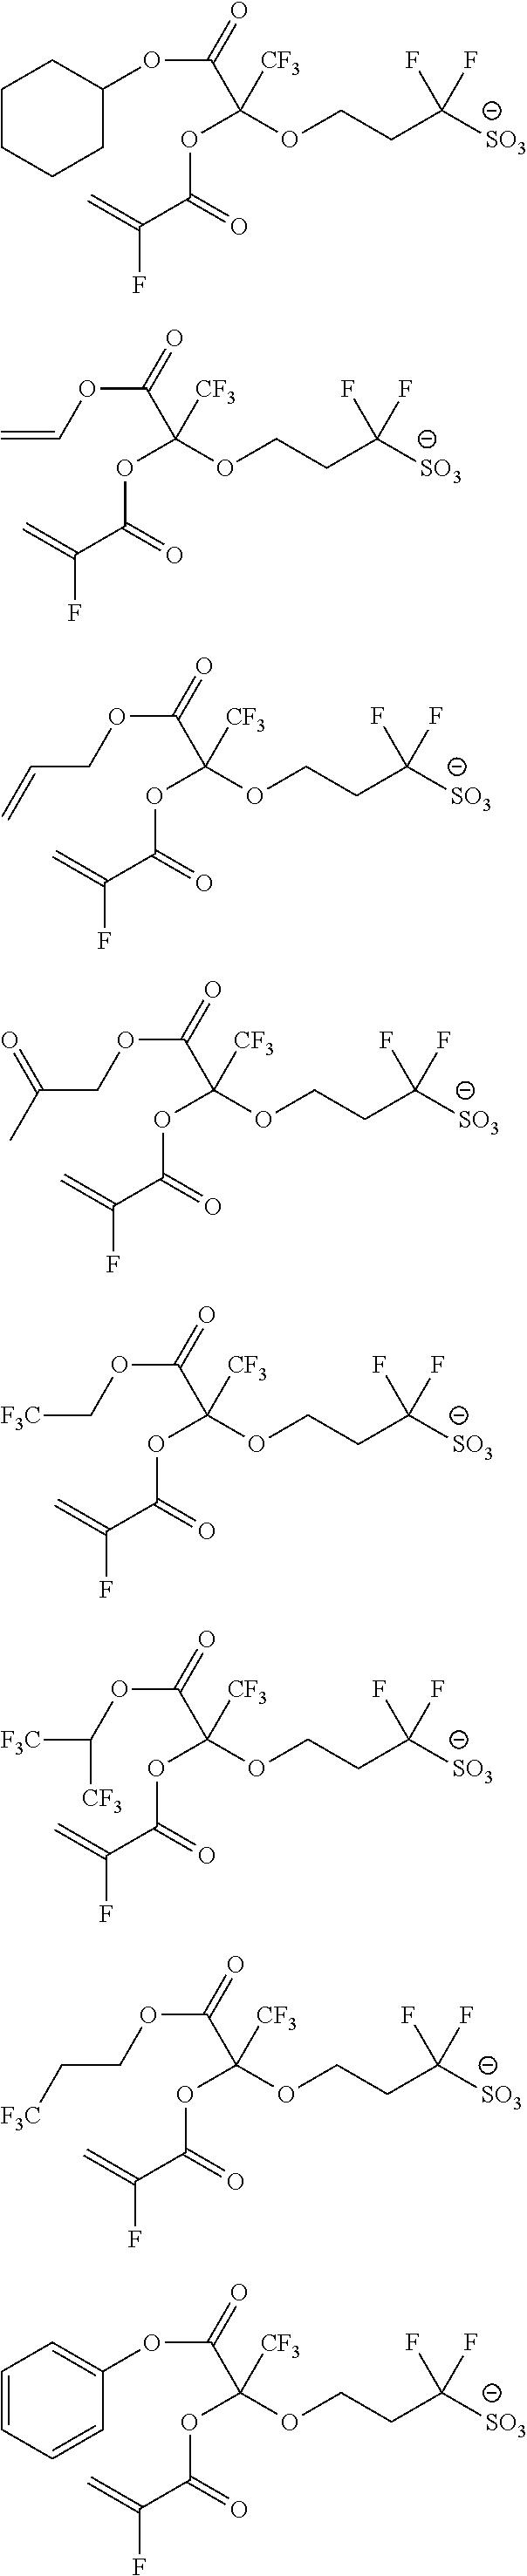 Figure US09182664-20151110-C00062